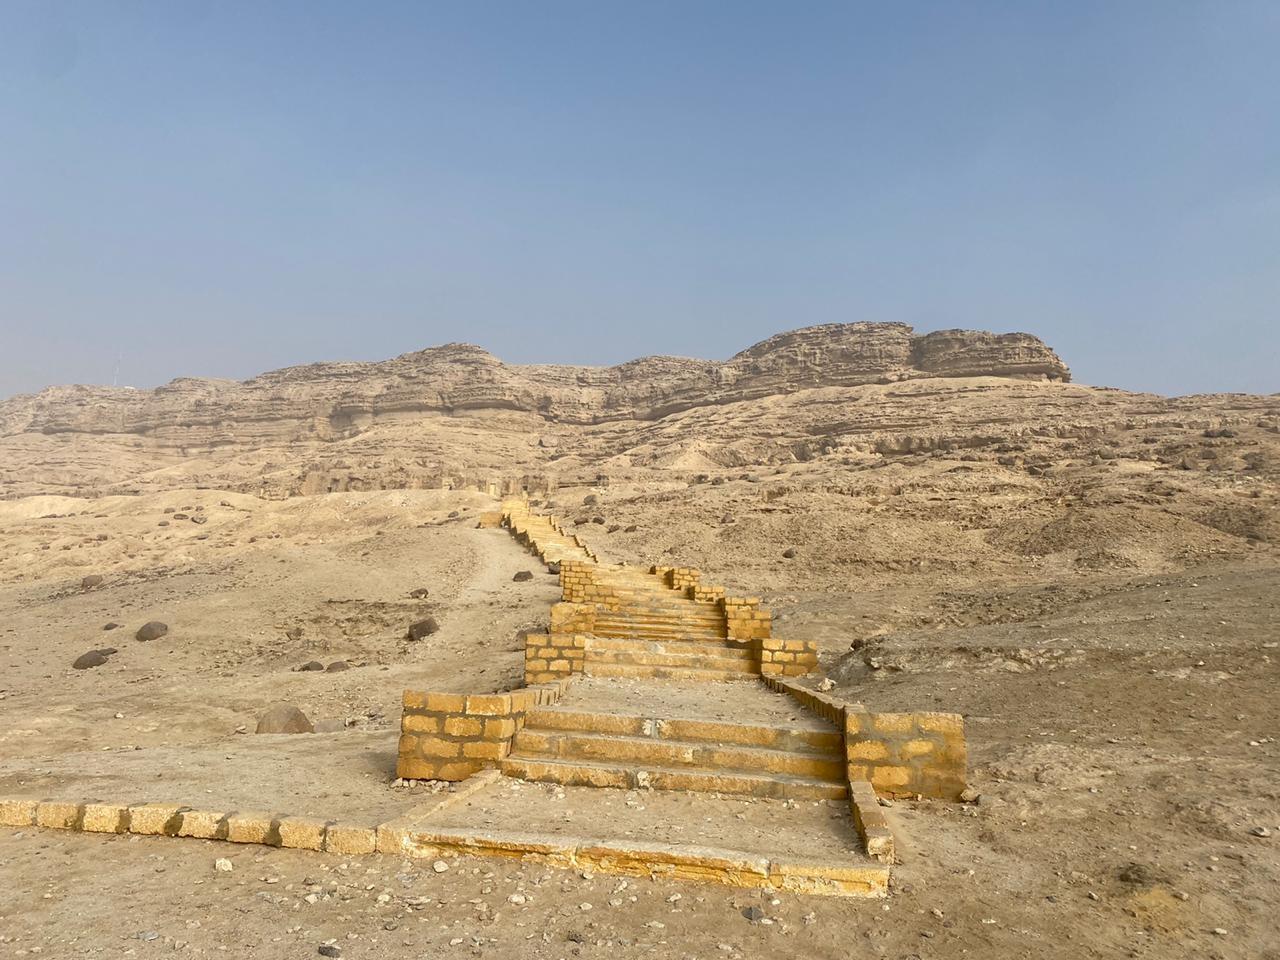 المعهد الهولندي بالقاهرة يطور خدمات منطقة بني حسن الأثرية بالمنيا السياحية1